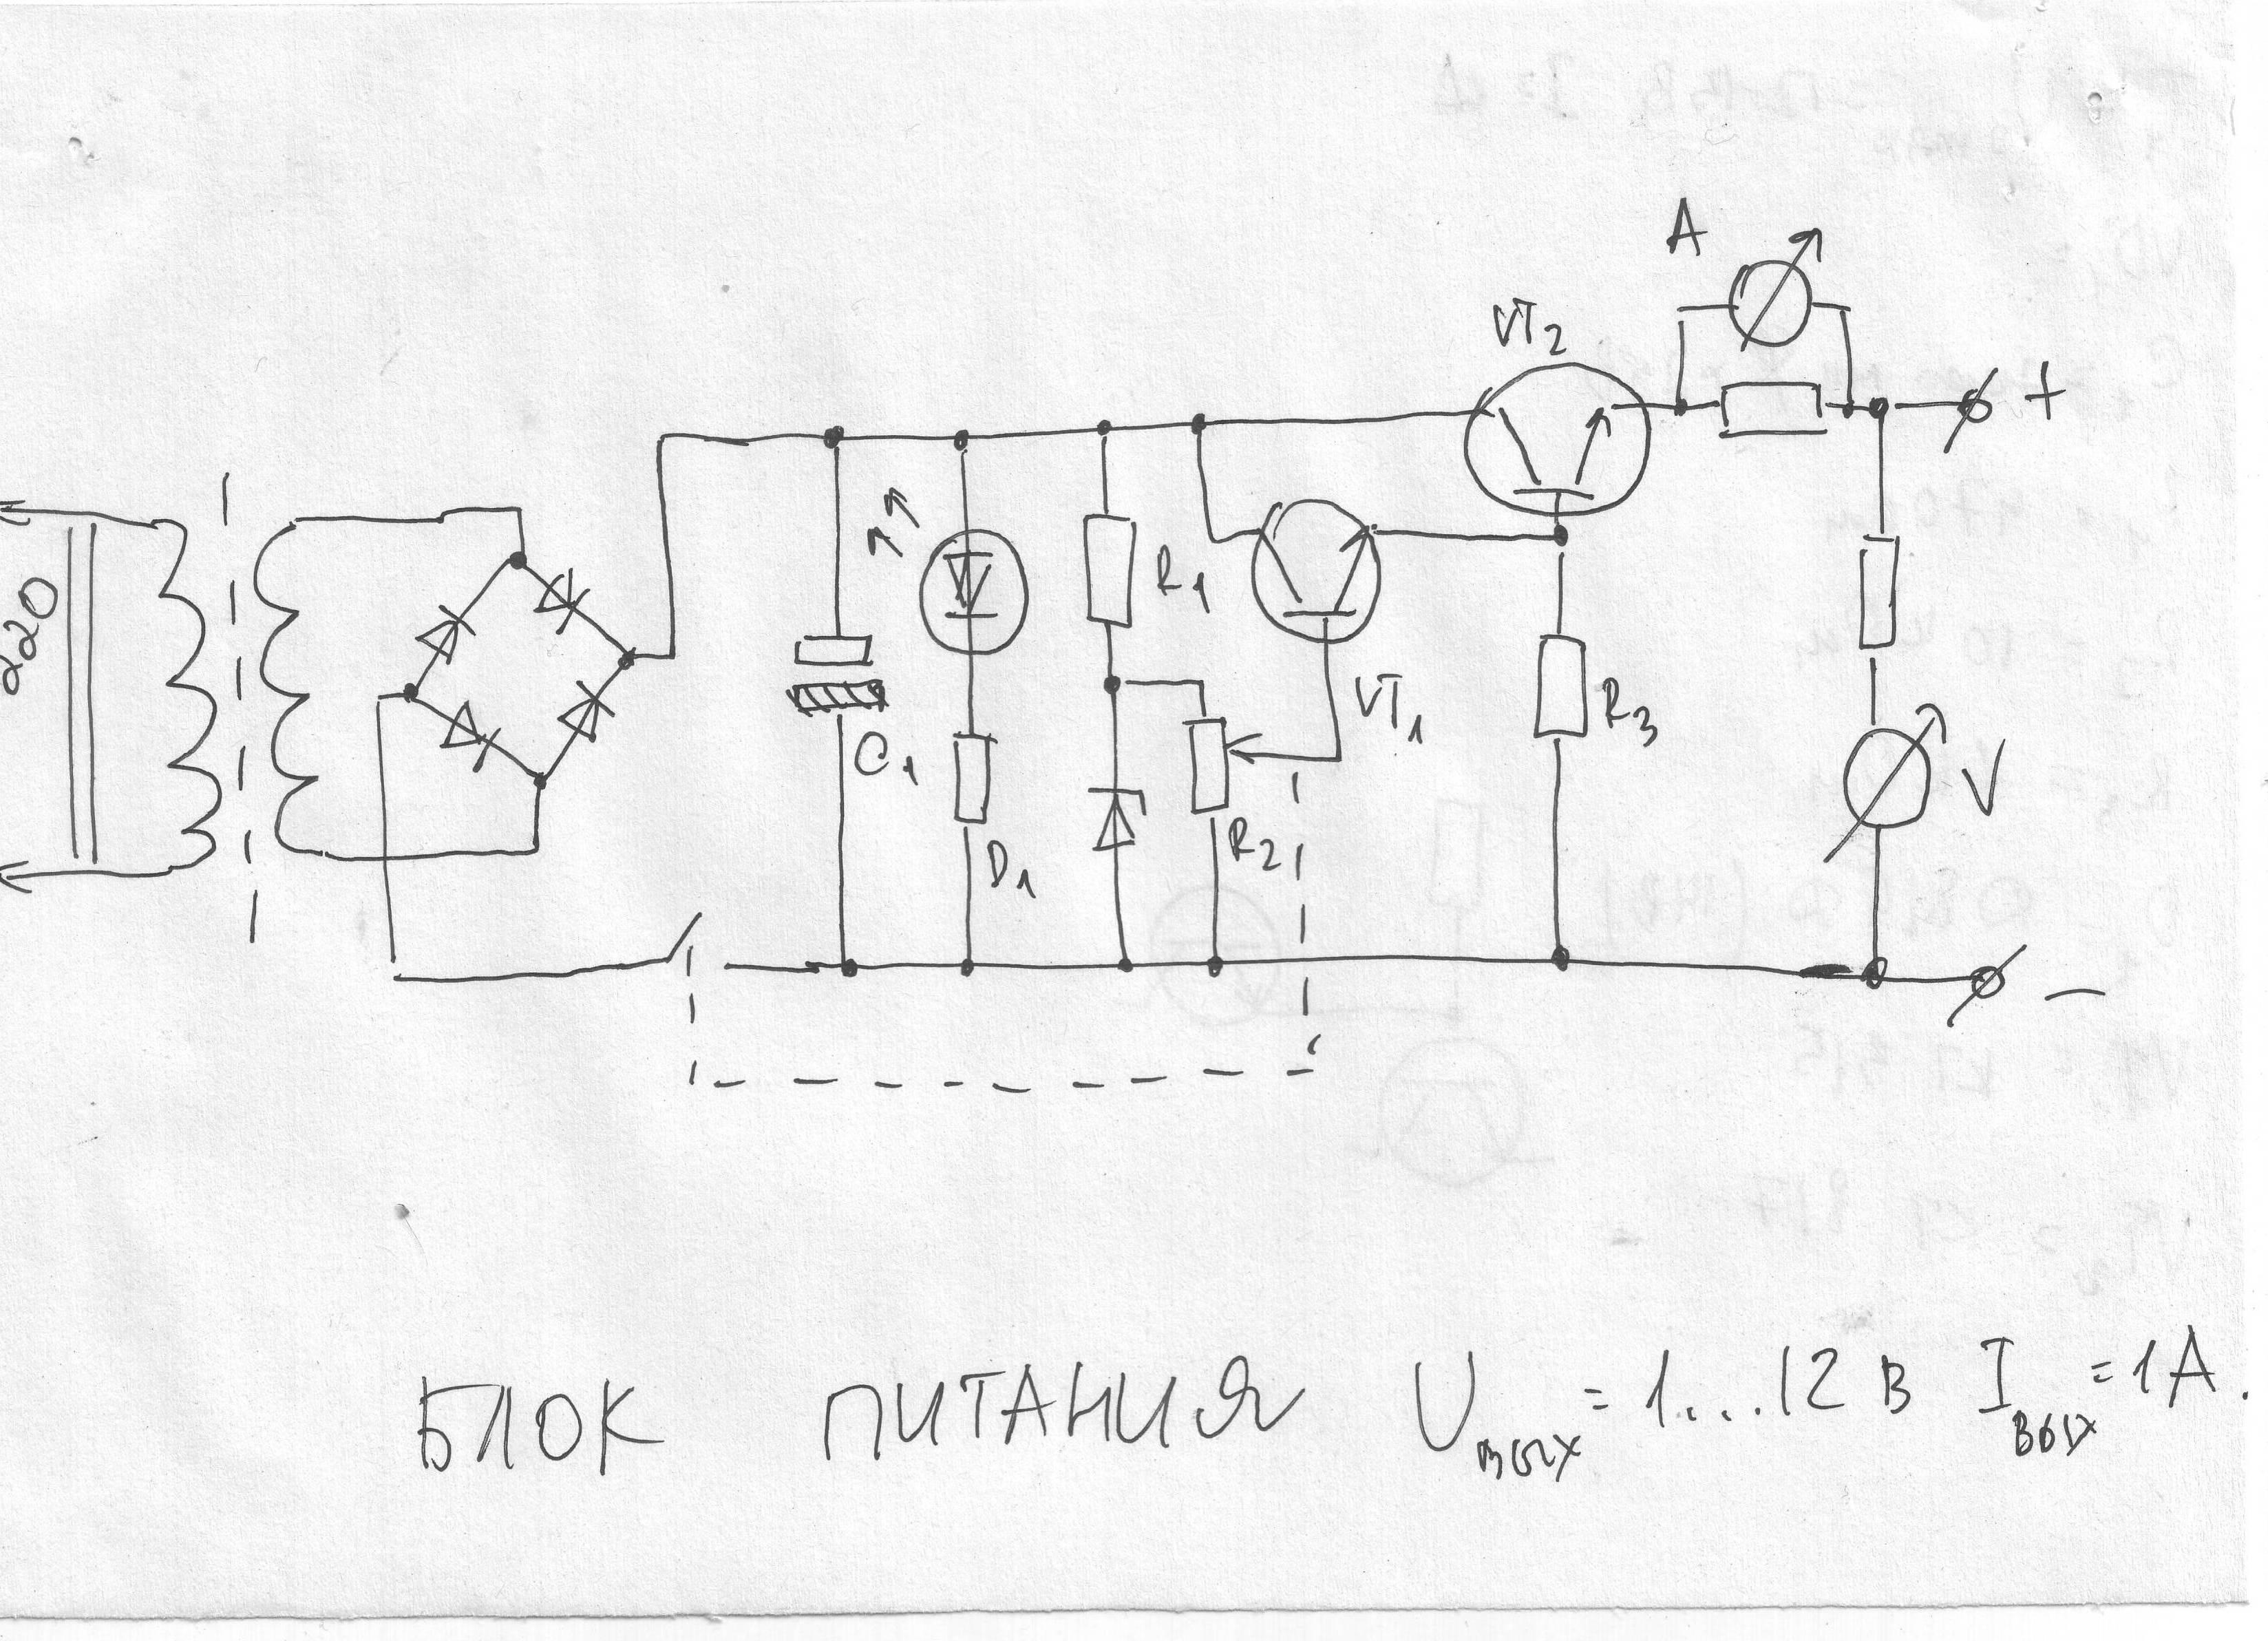 радиолюбитель схема петрова